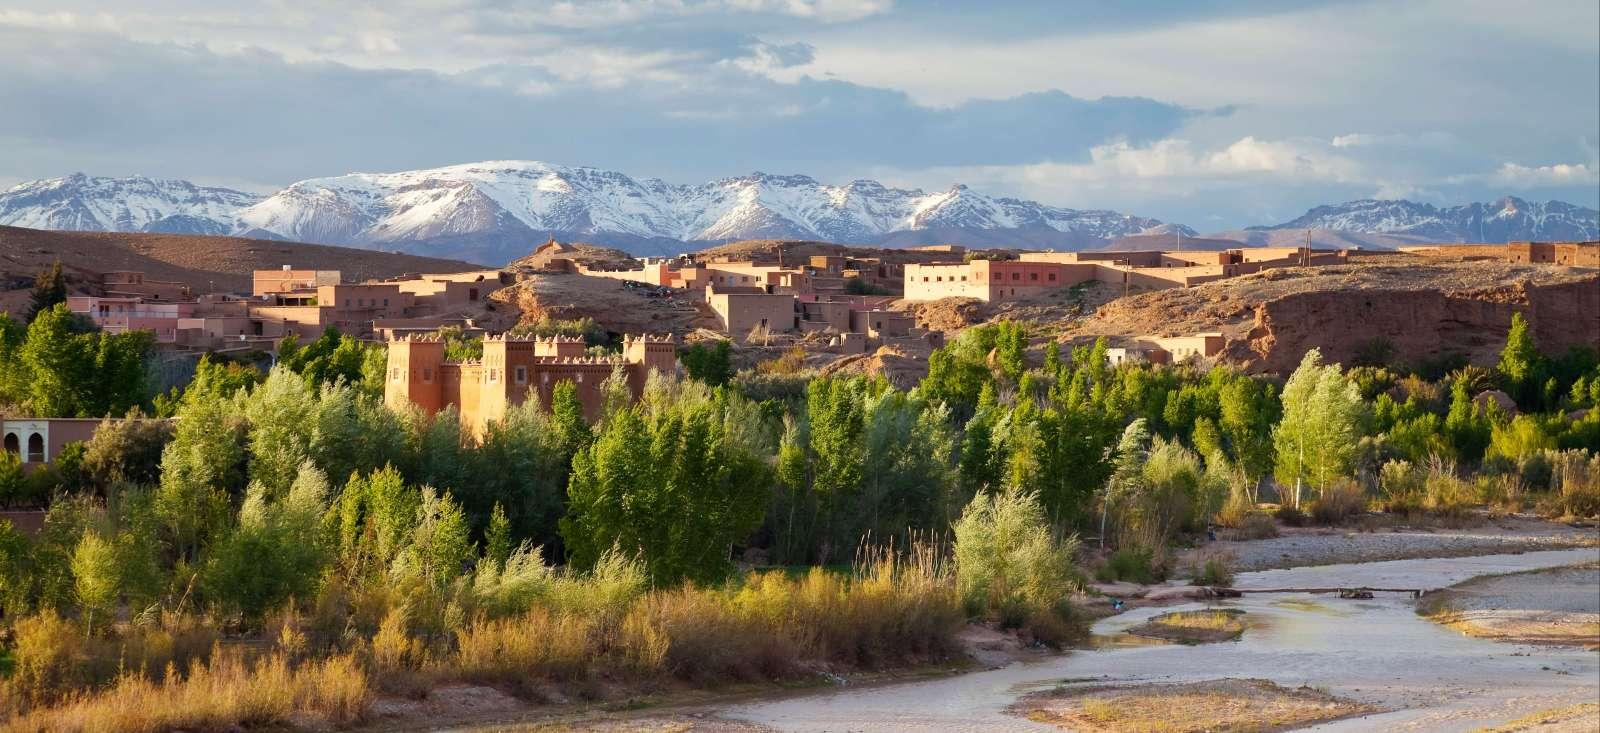 Voyage à pied : Autotour des portes du Sahara à Marrakech